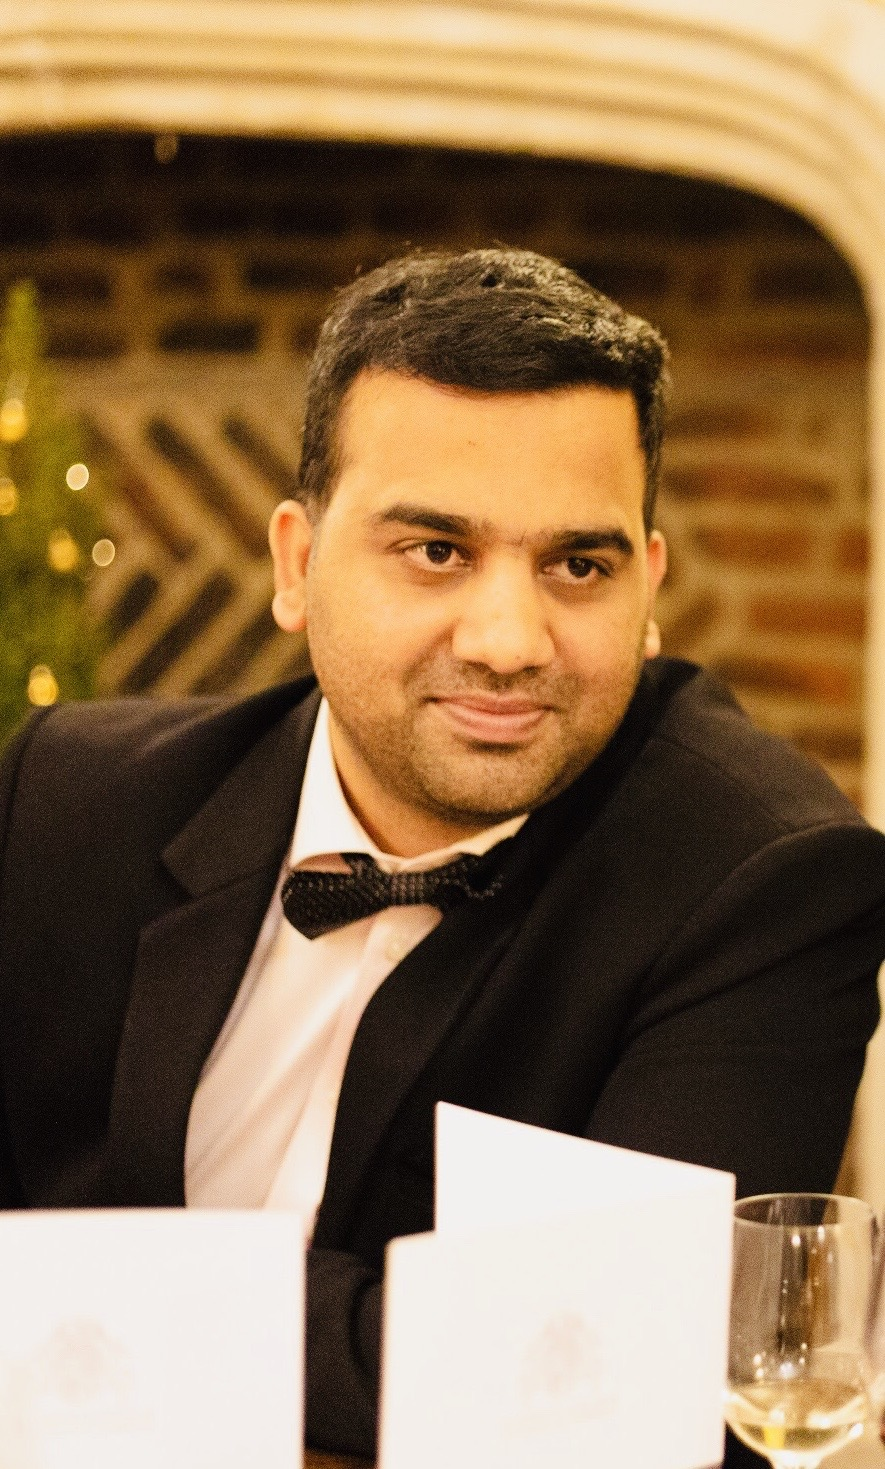 Shafeer Kalathil